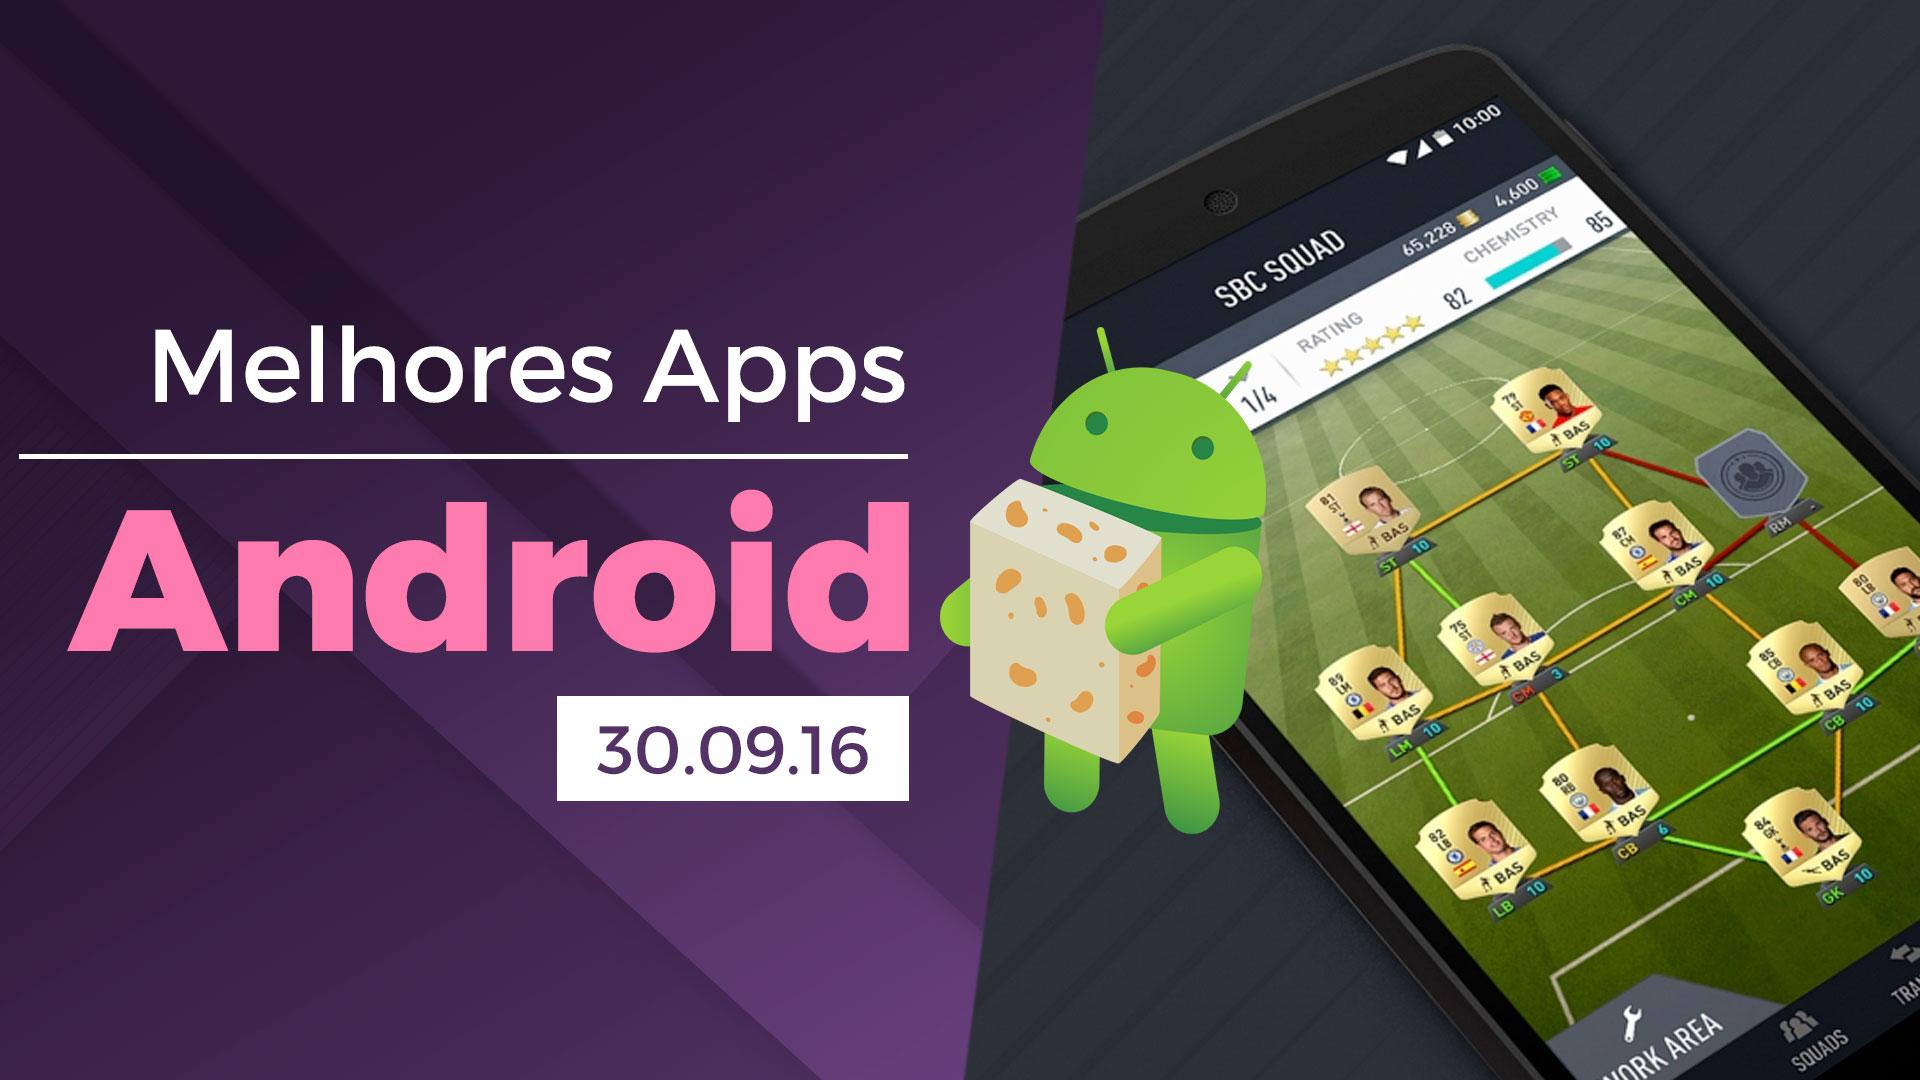 Melhores apps para Android: 30/09/2016 [vídeo]